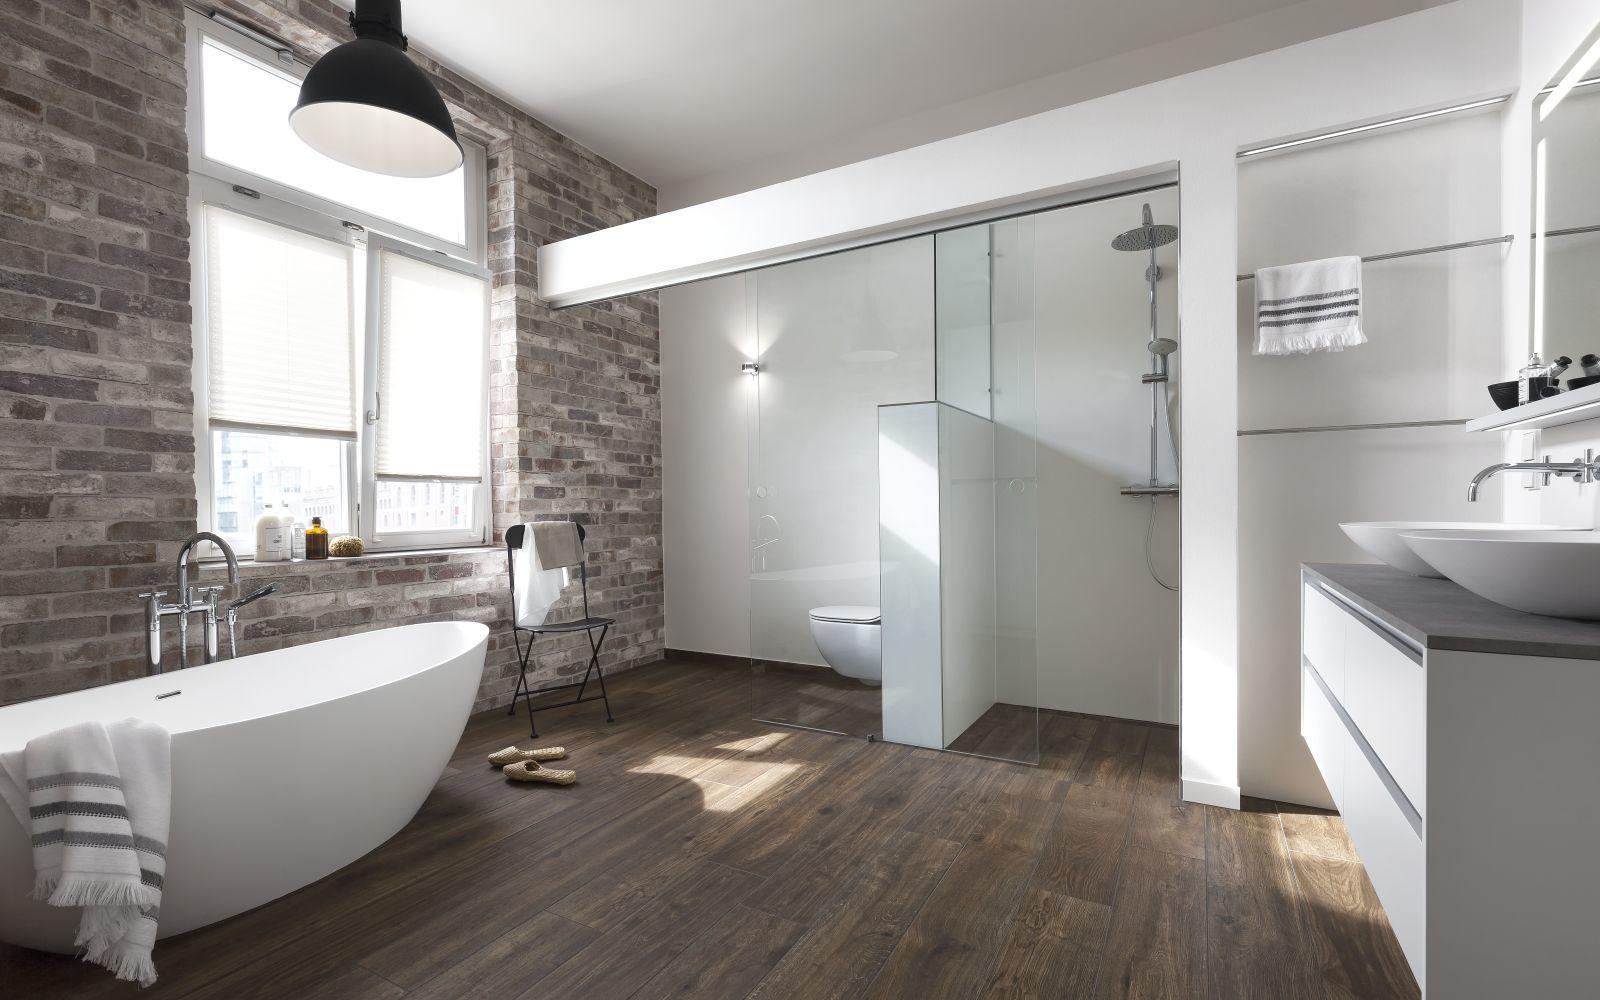 referenzen/badezimmer-mit-altbau-charme | Kirchgässner ...